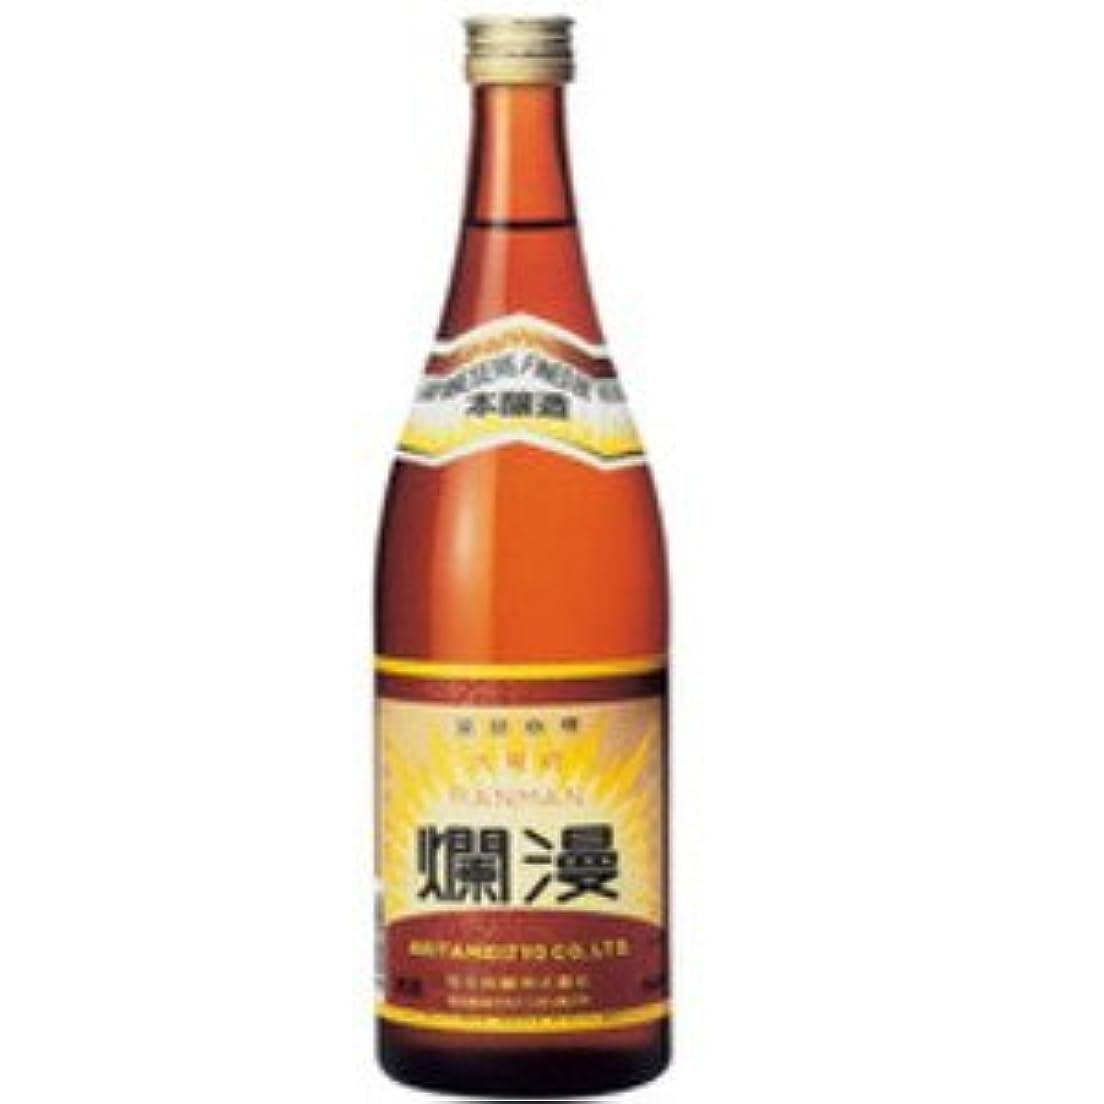 顎なる雑草爛漫 本醸造酒 720mL